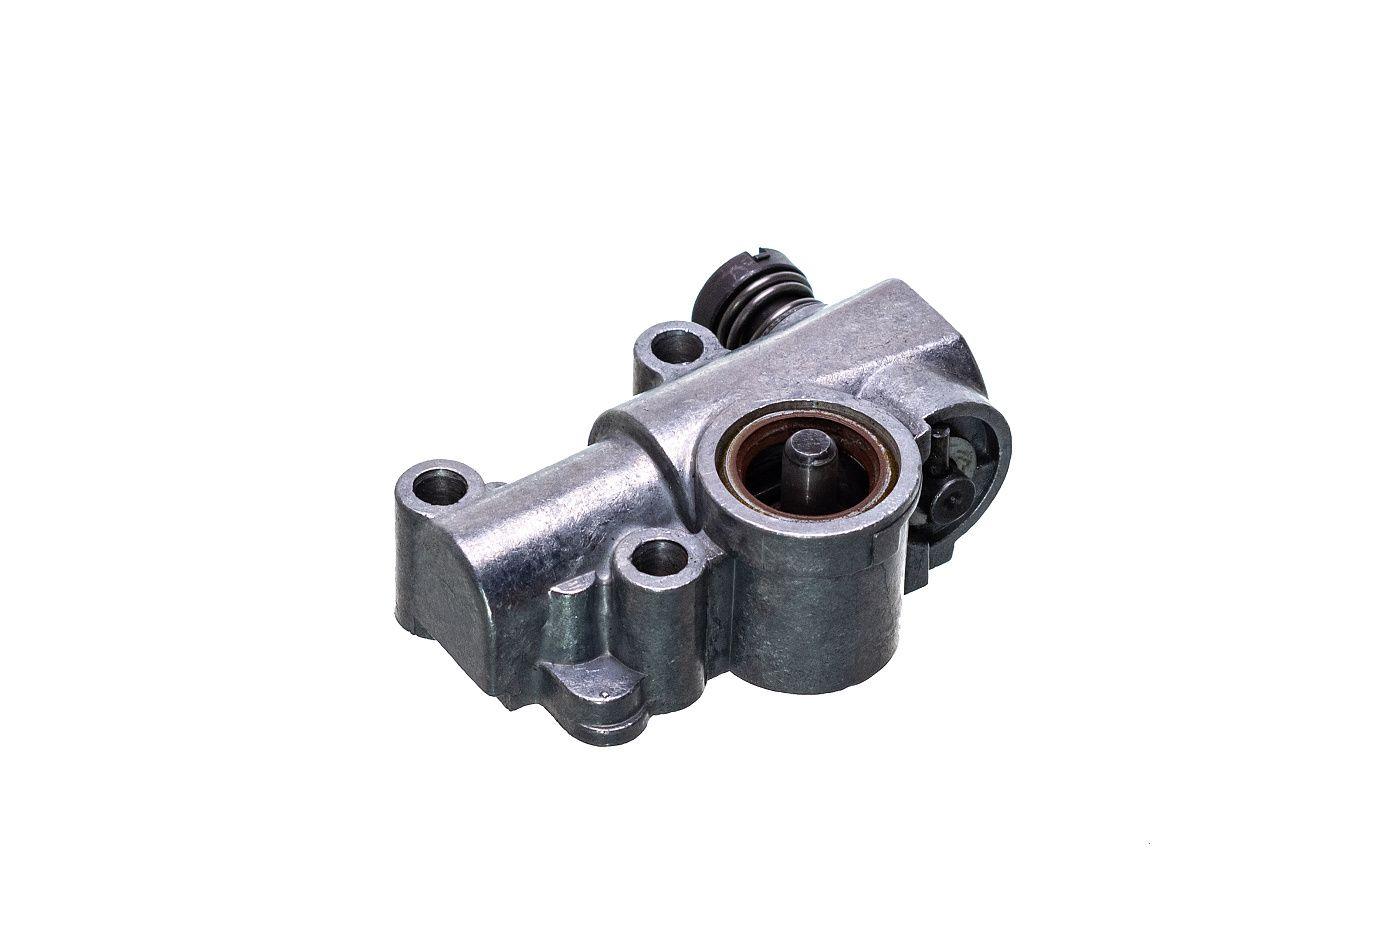 Olejové čerpadlo Stihl MS380 MS381 038 042AV 048 (1119 640 3200)